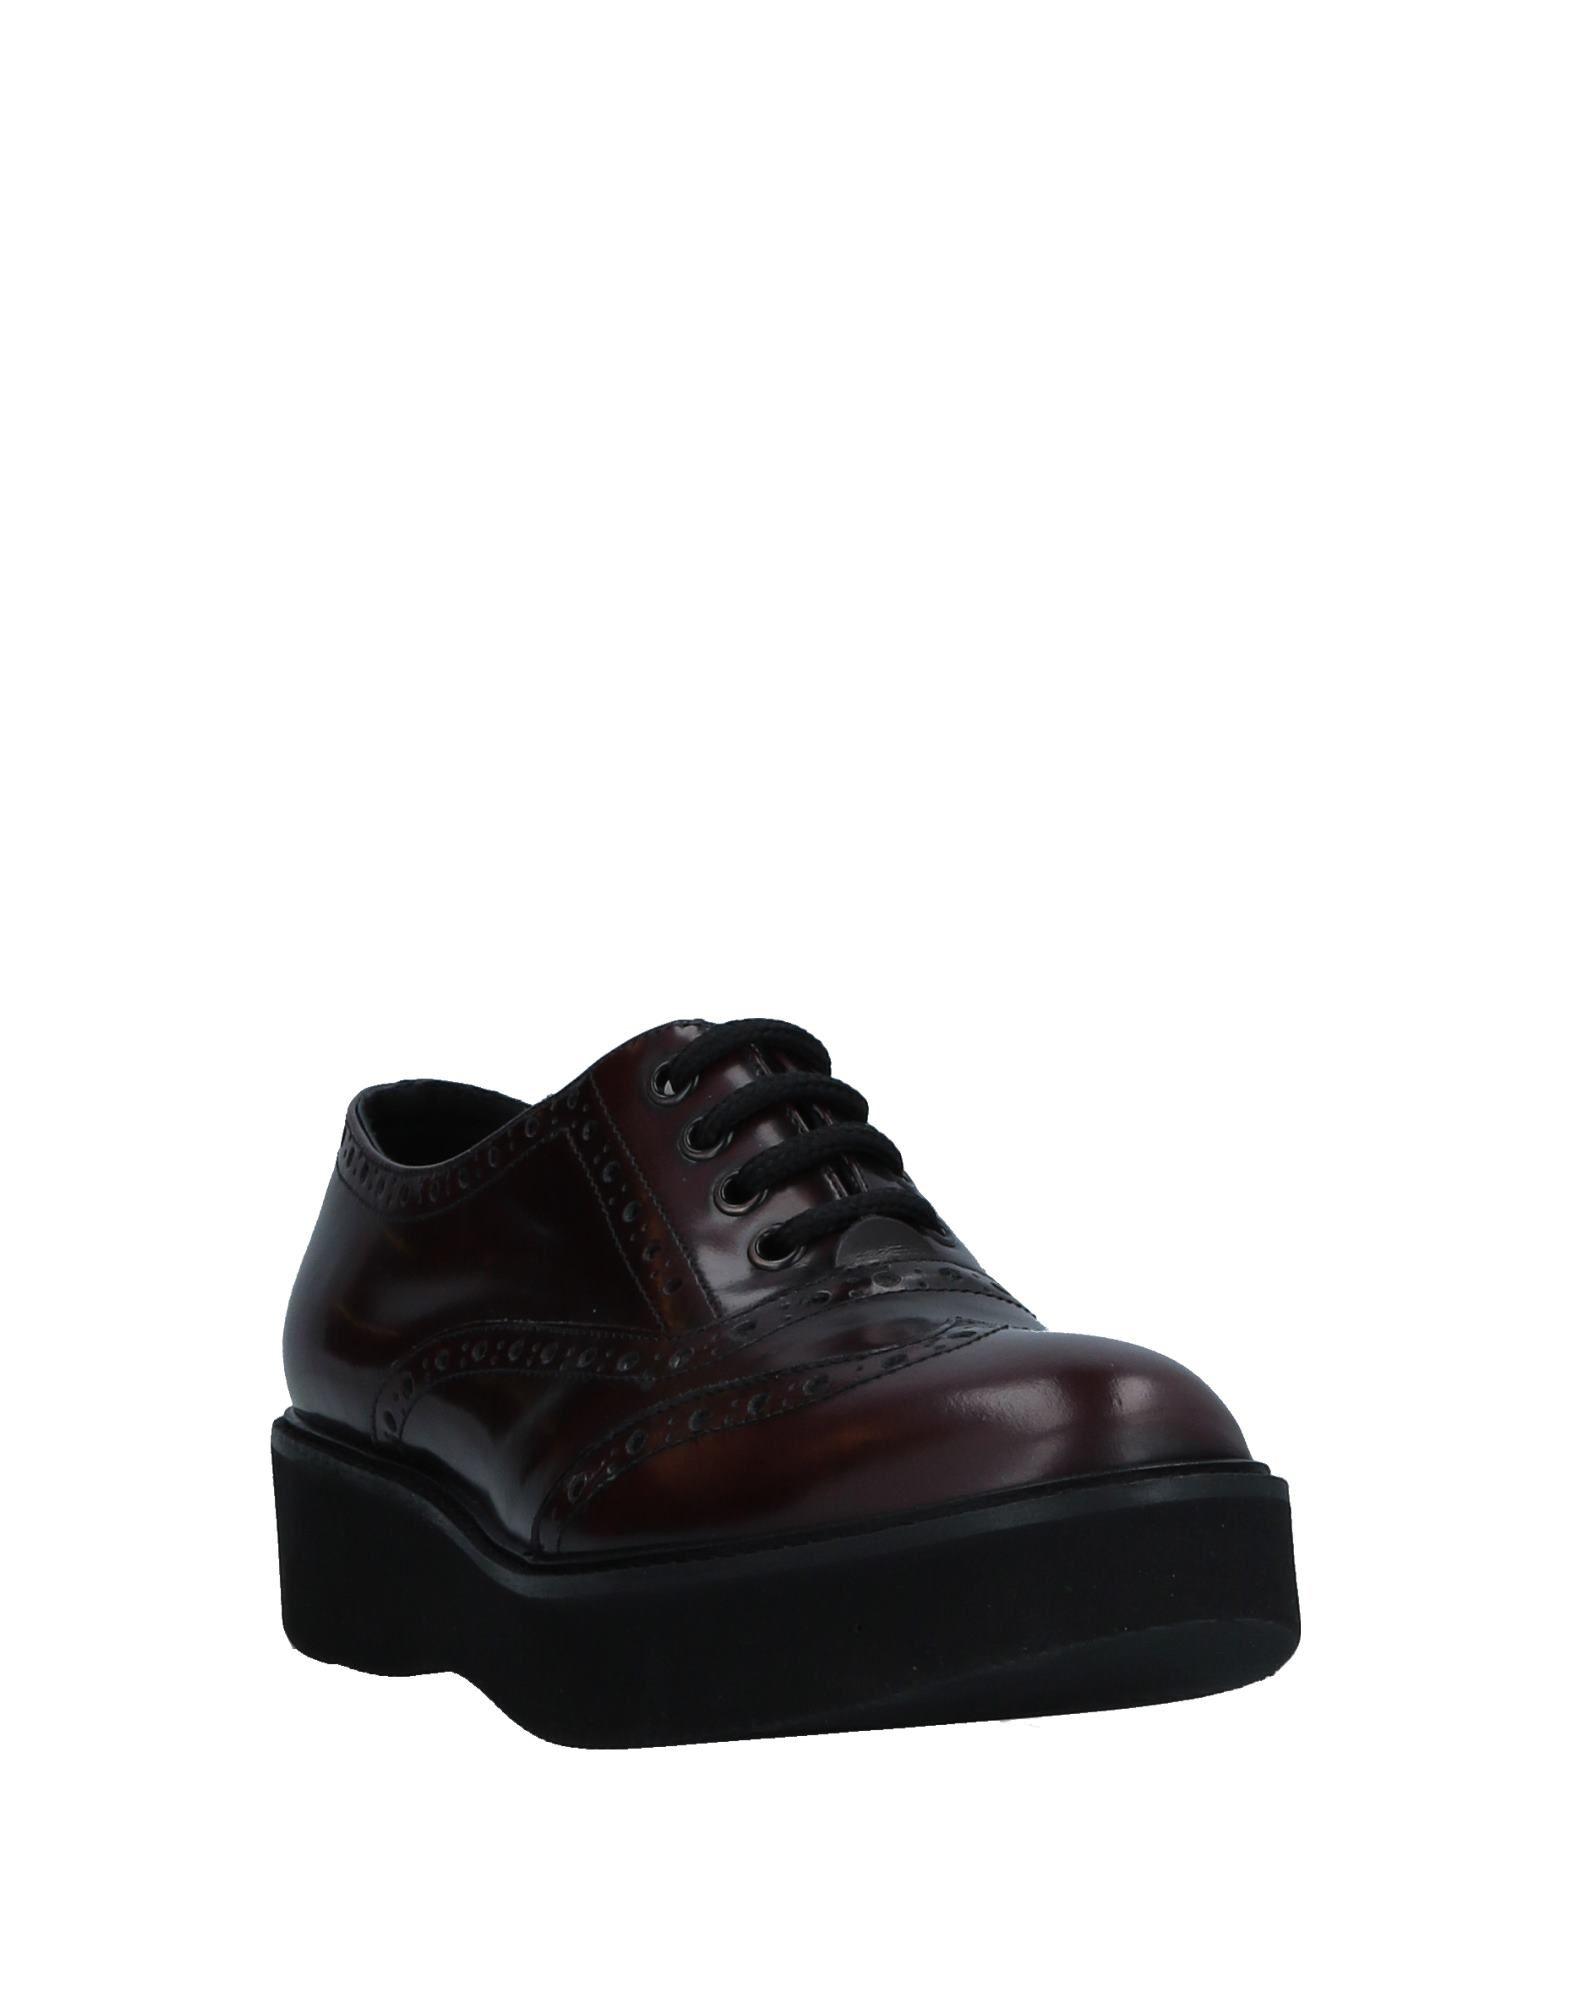 Stilvolle billige Schnürschuhe Schuhe Katy Schnürschuhe billige Damen  11520997LQ f1d9ac